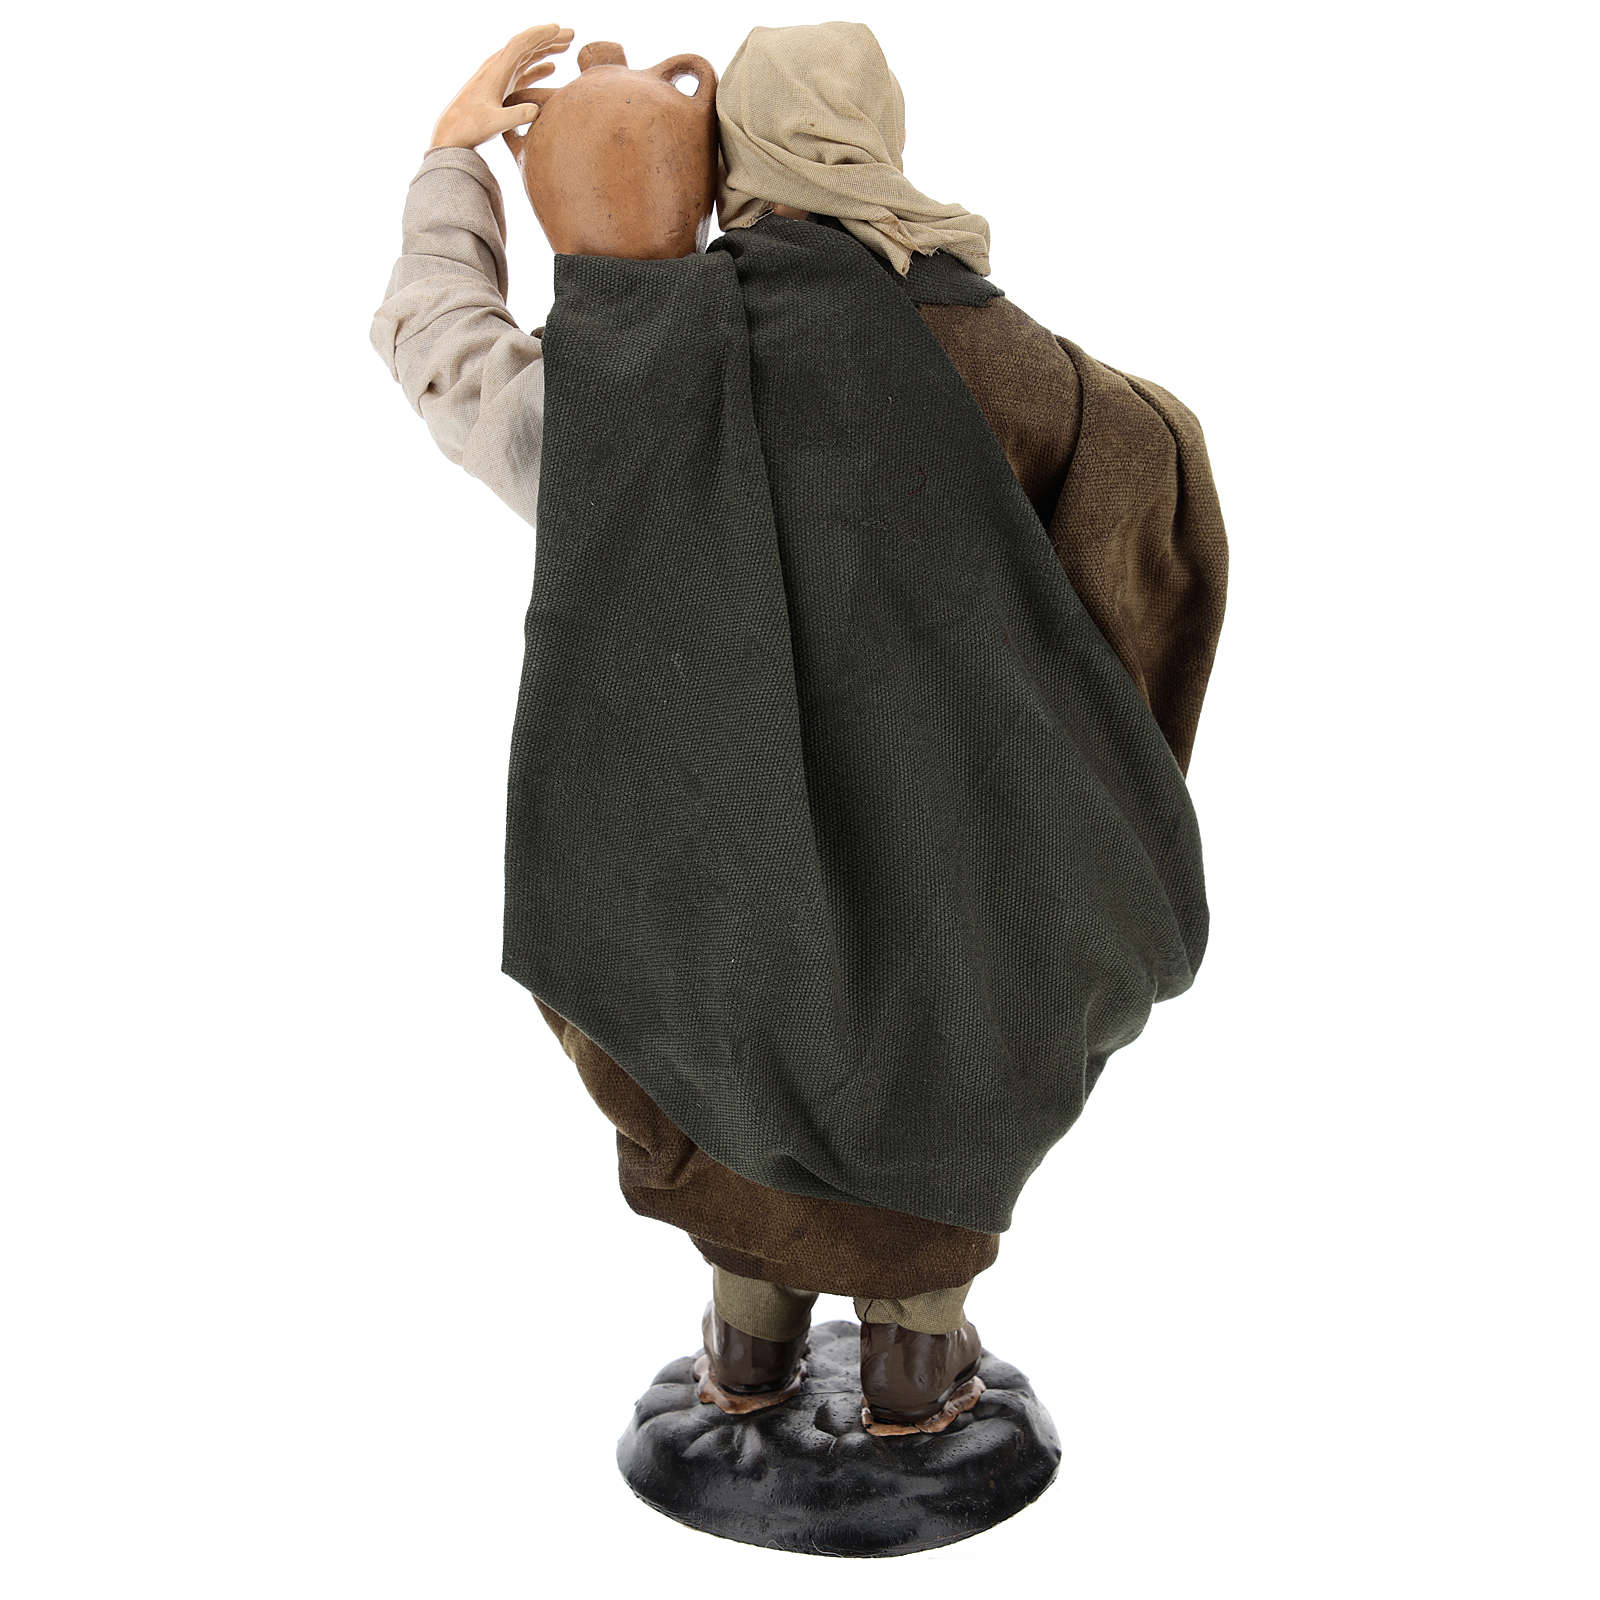 Hombre con ánforas para belén napolitano estilo 700 de 30 cm de altura media 4